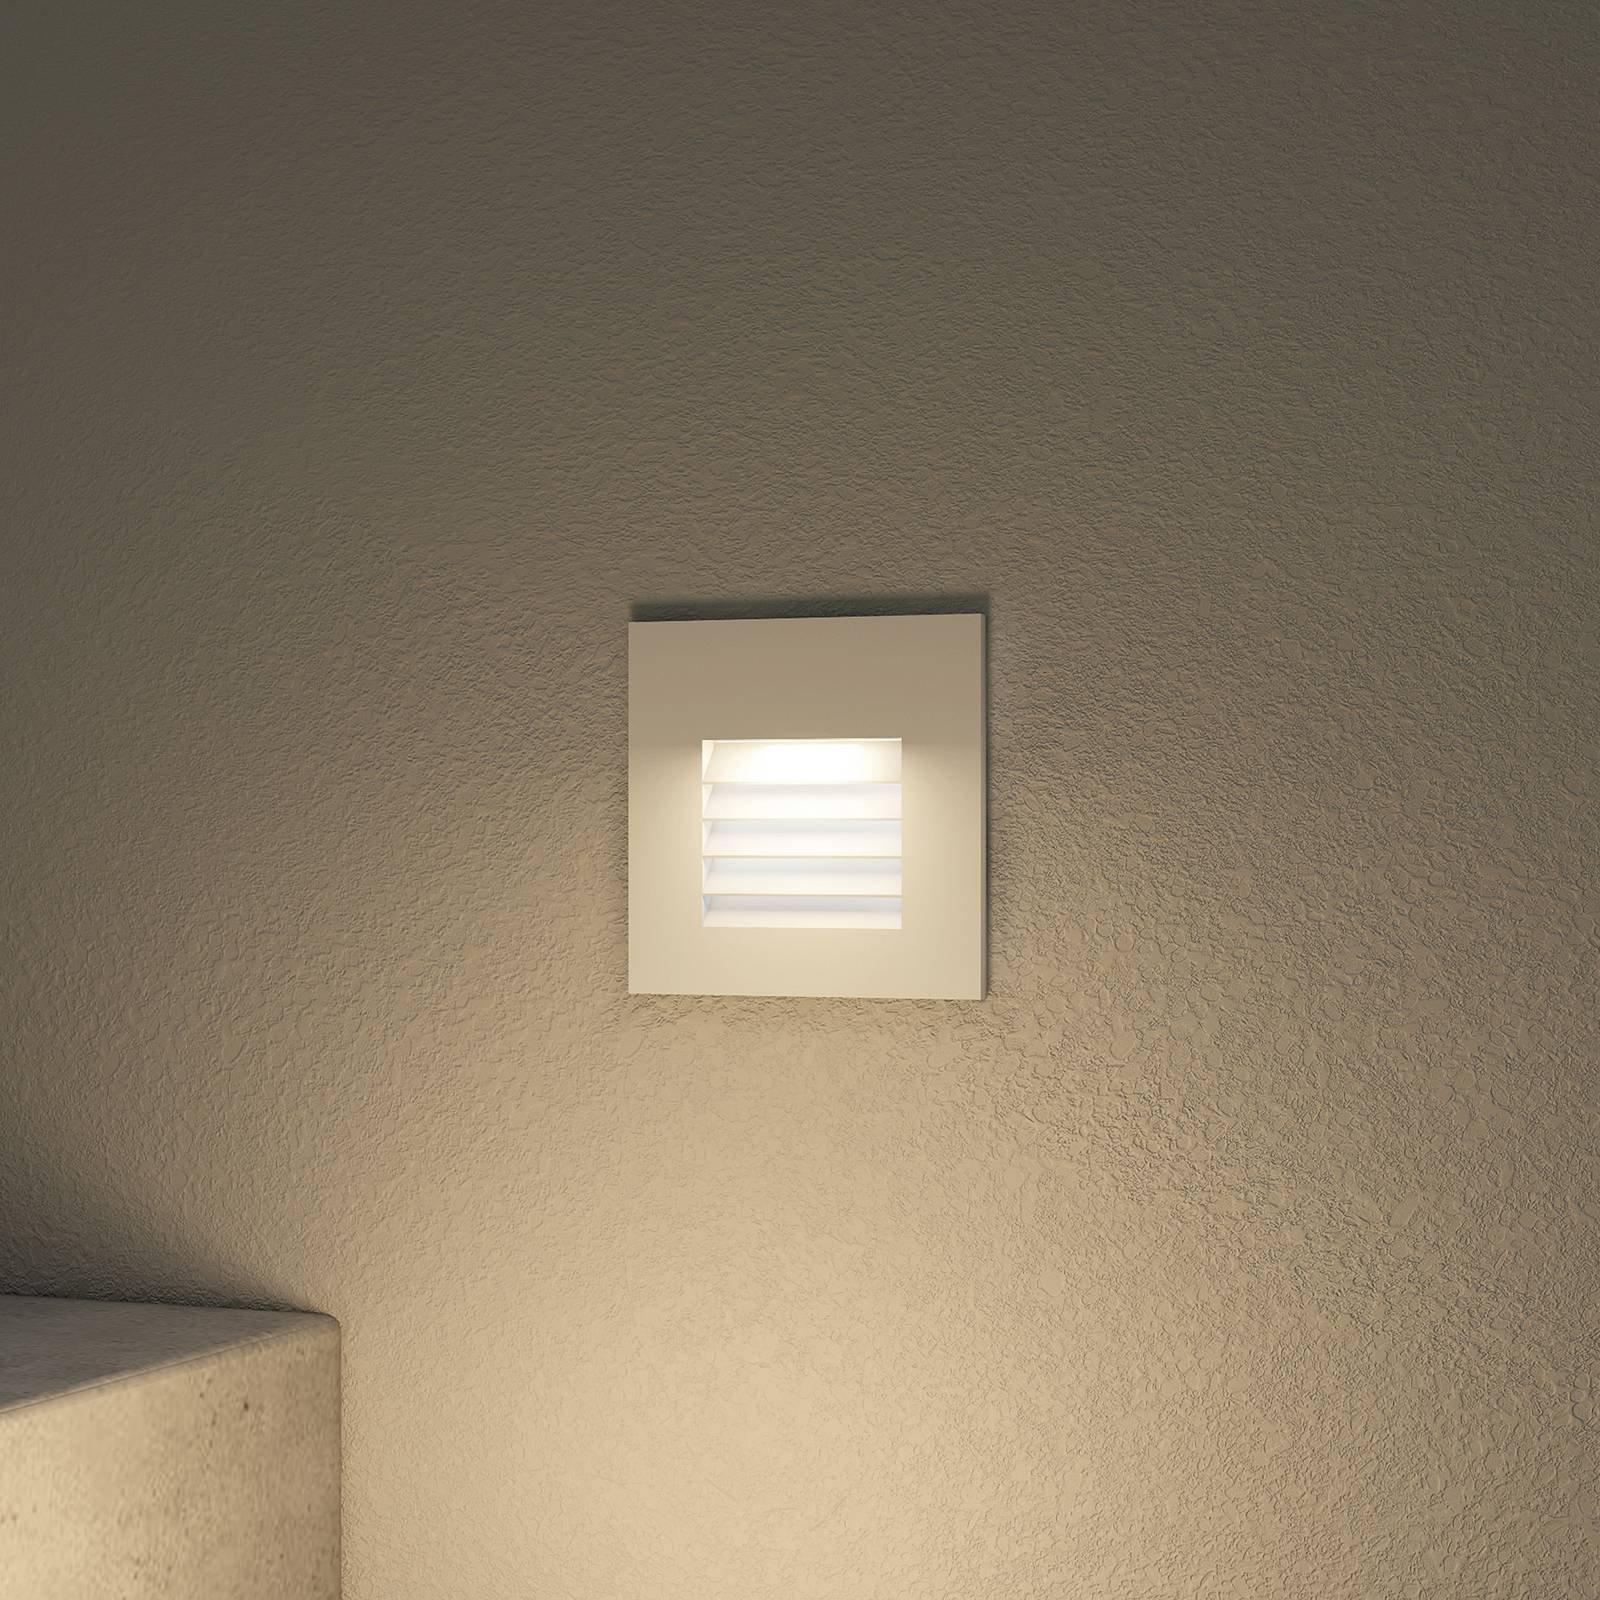 Arcchio Makio LED-iinnfellingslampe, hvit